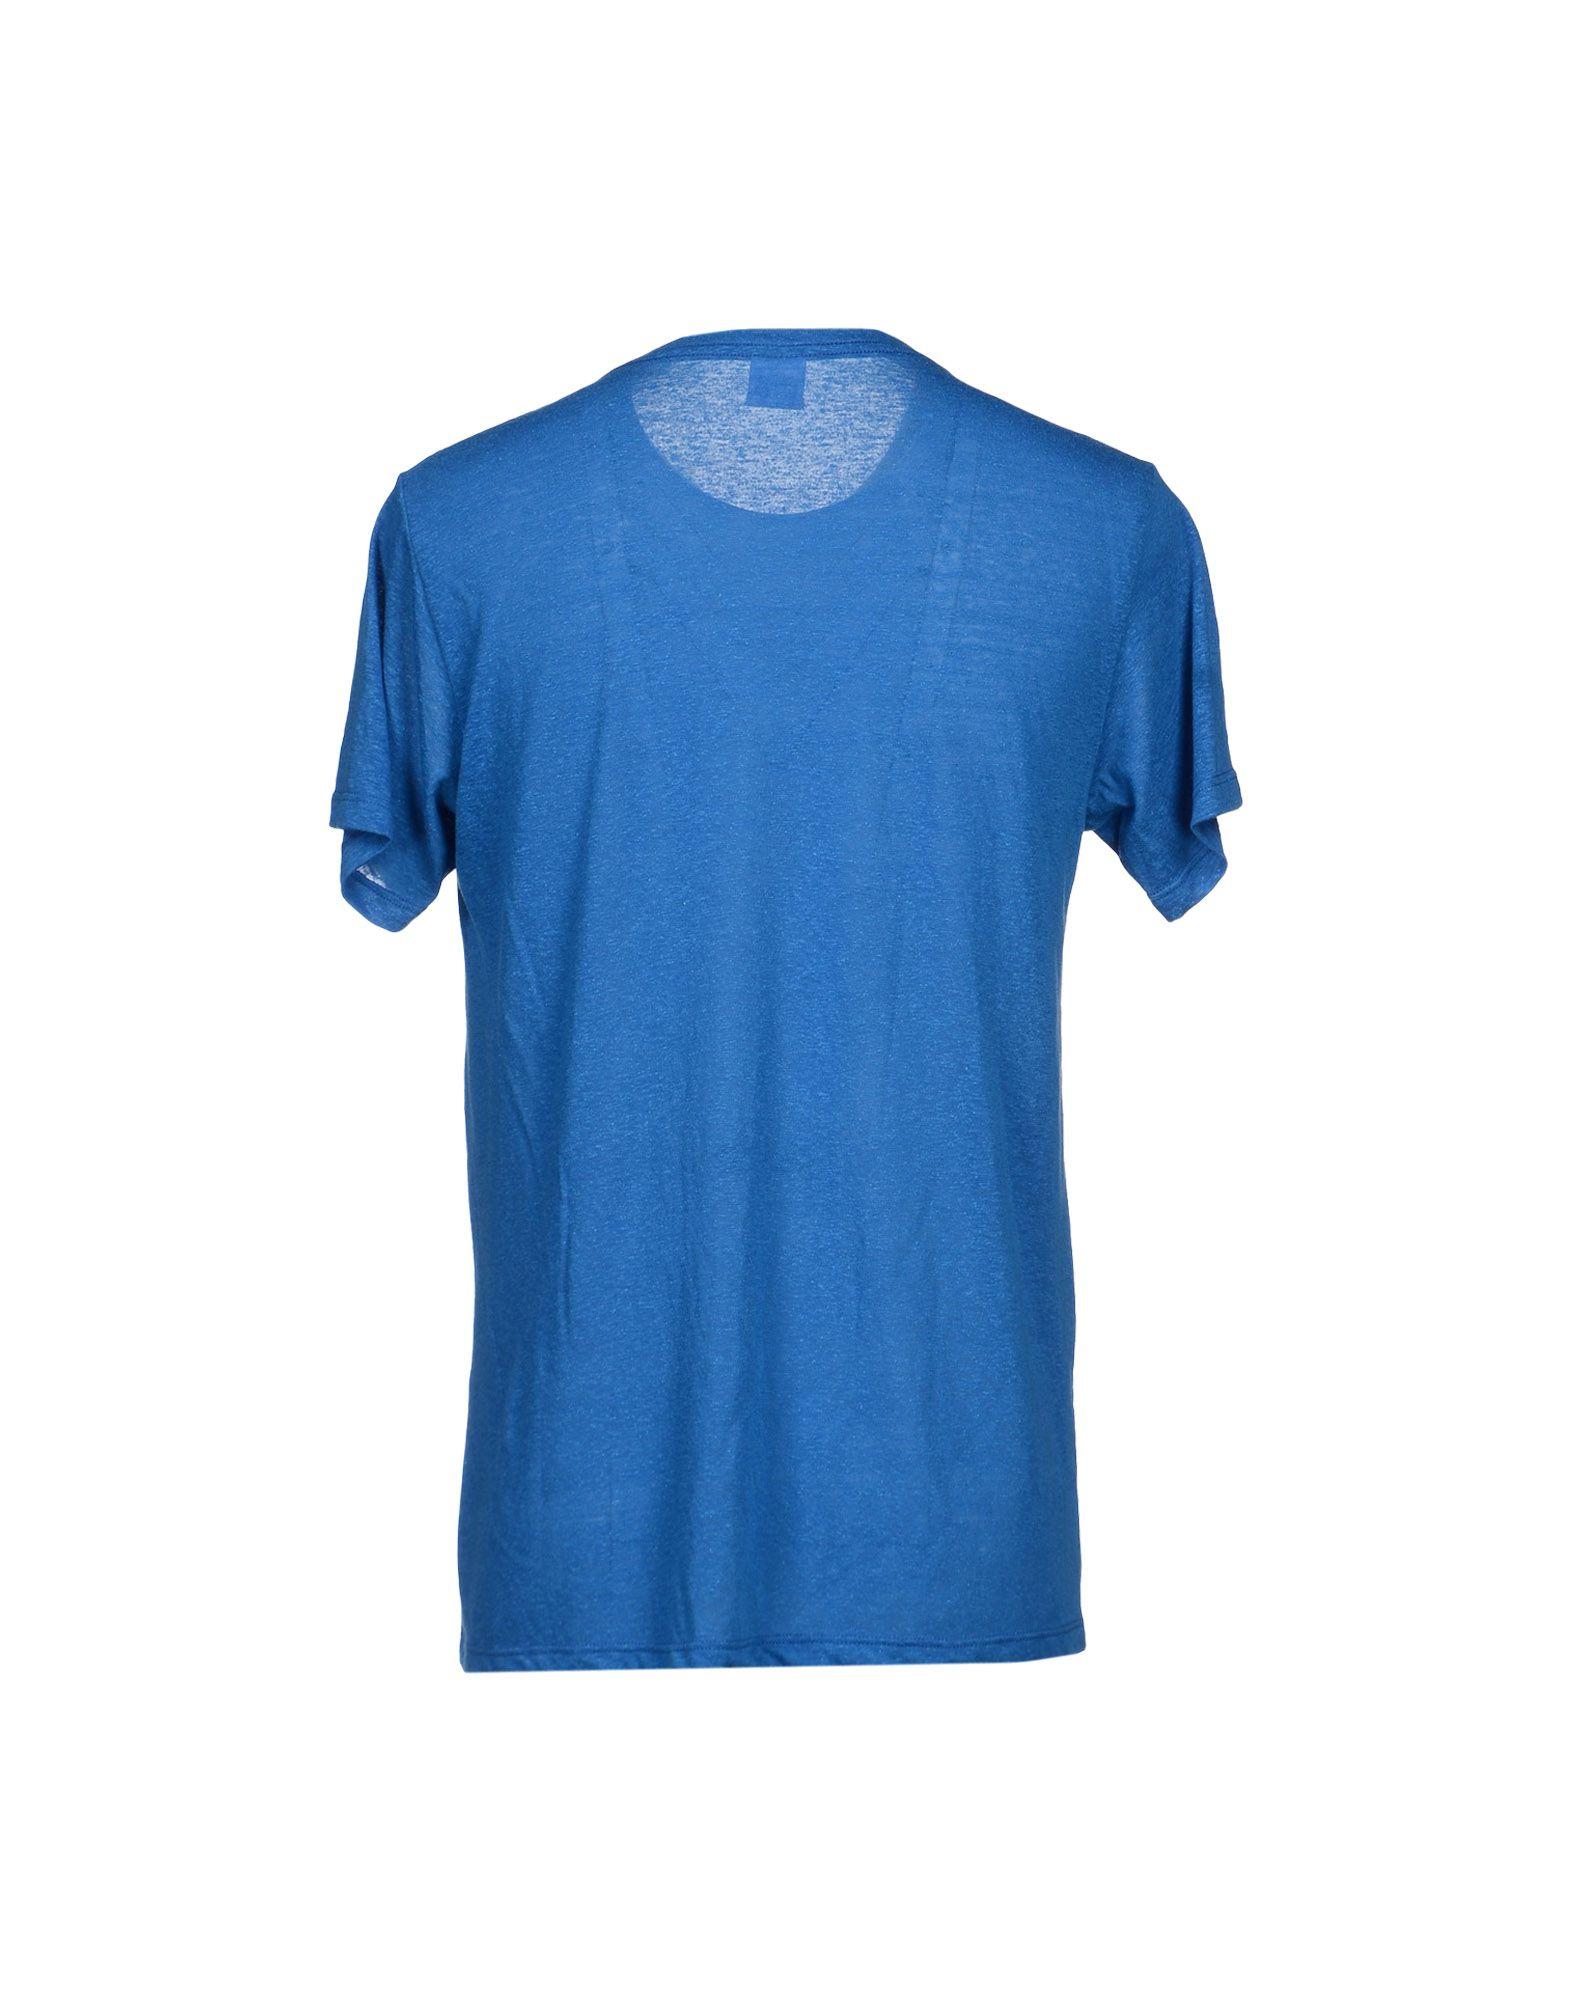 obey t shirt in blue for men lyst. Black Bedroom Furniture Sets. Home Design Ideas